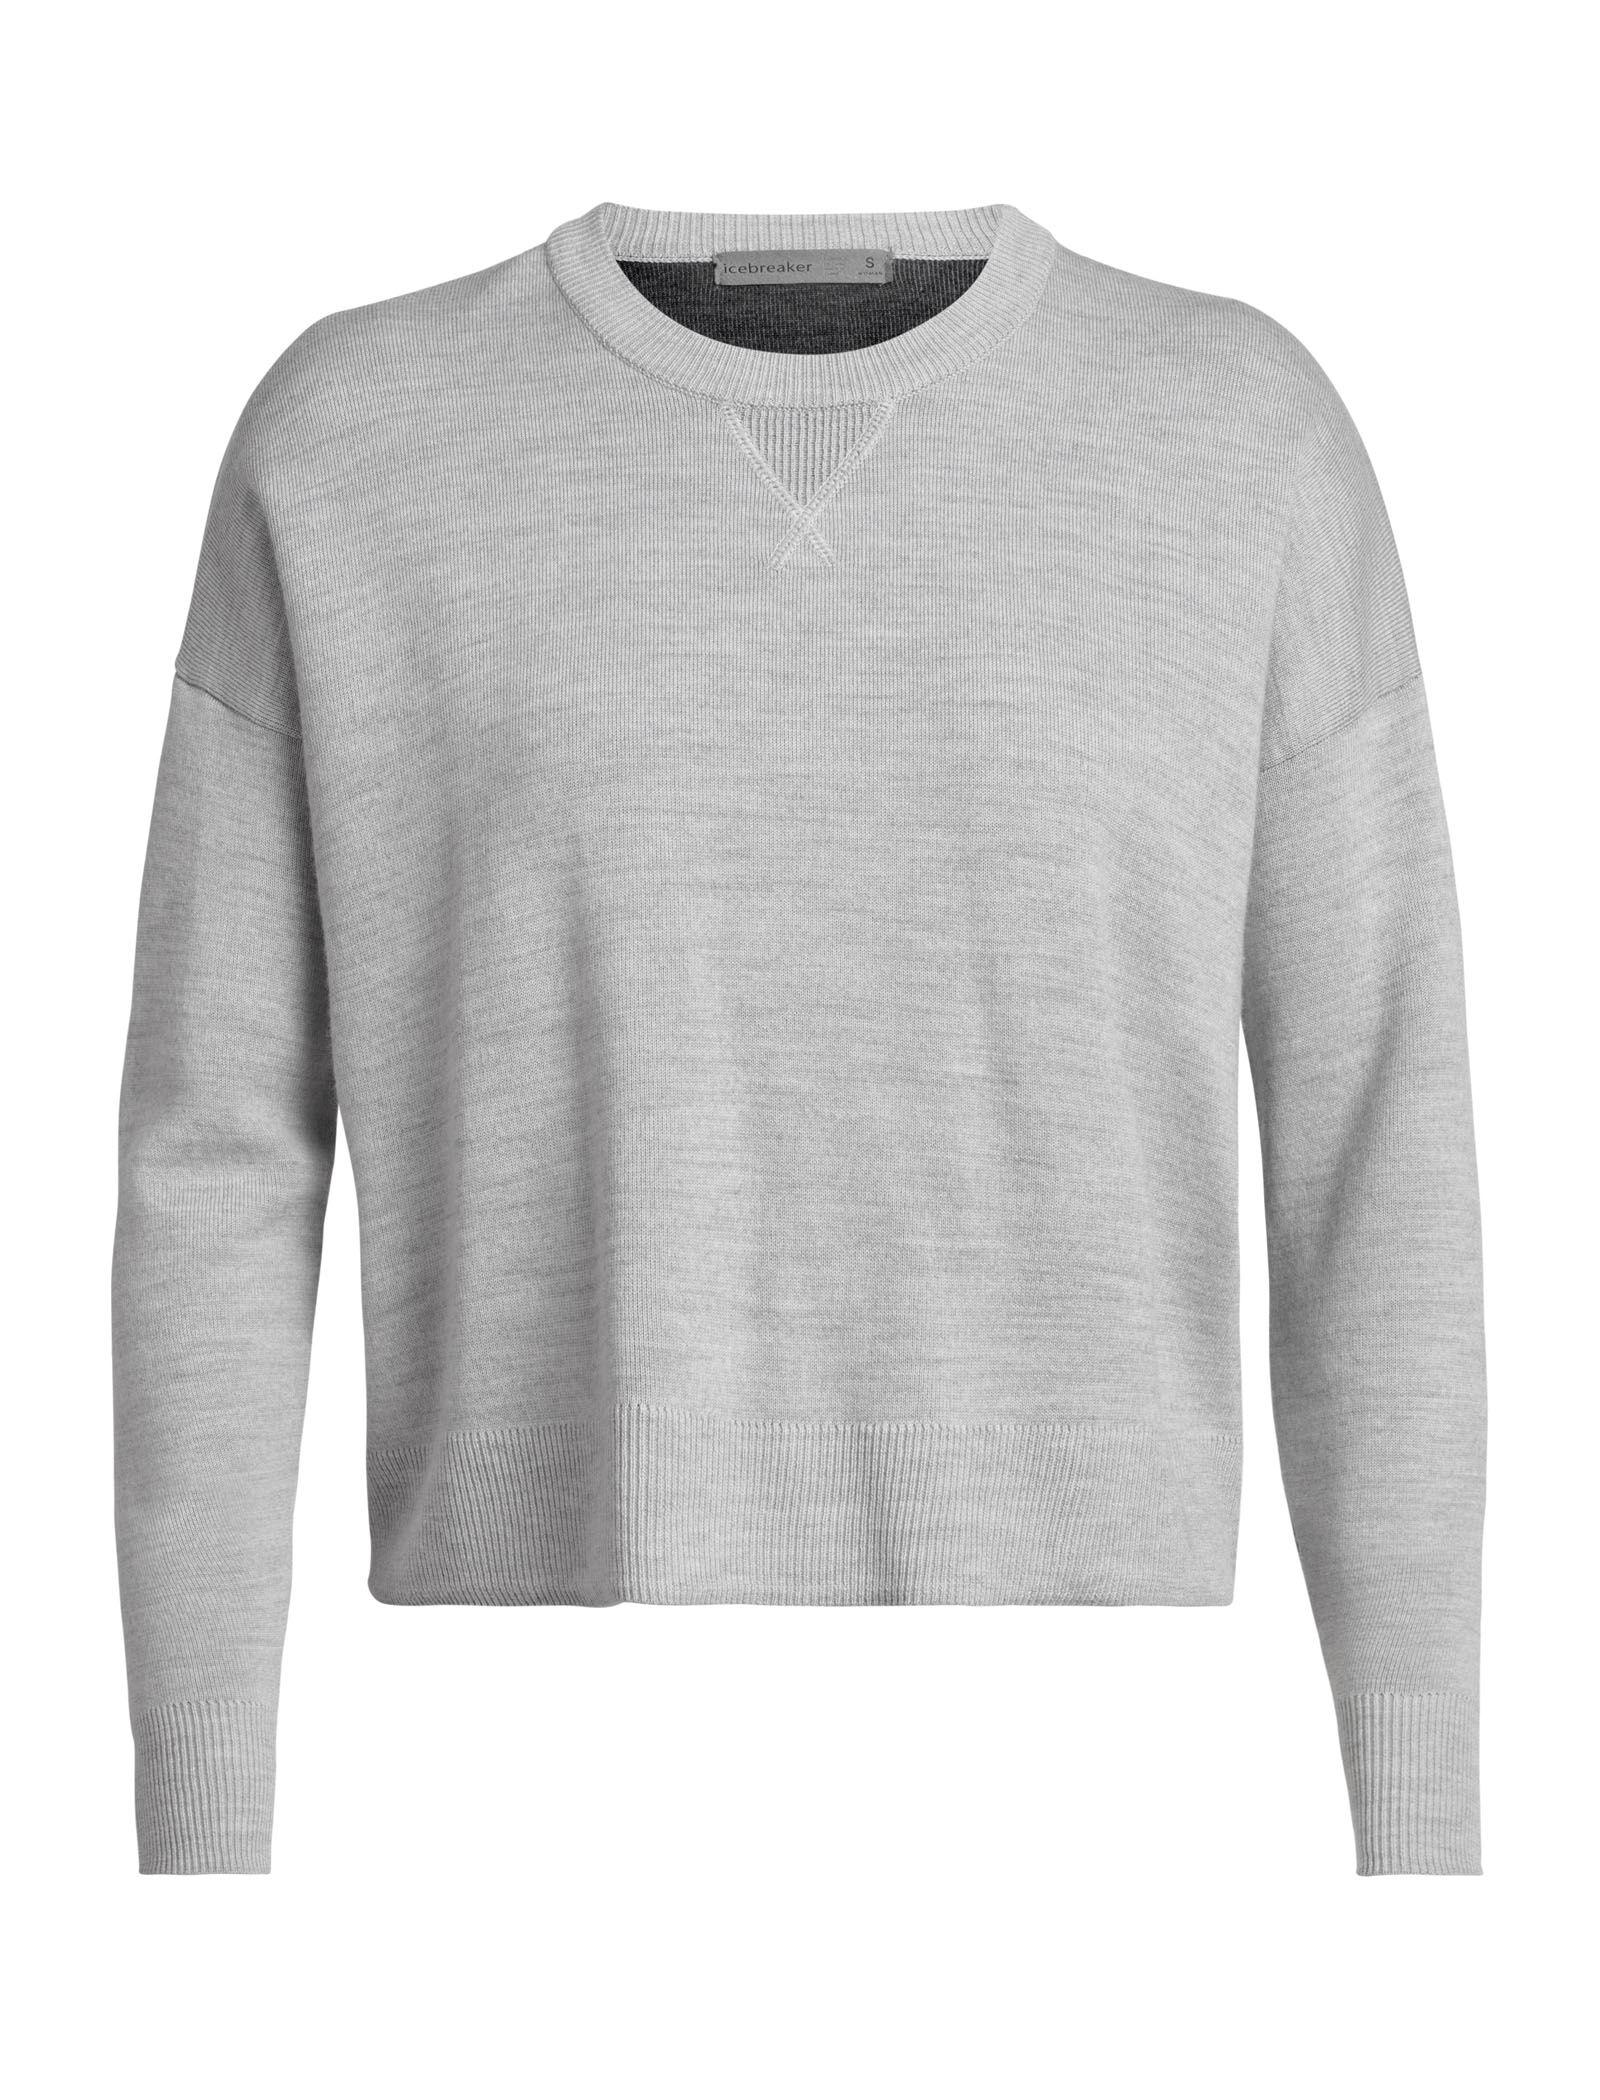 Carrigan Sweater Sweatshirt Damen